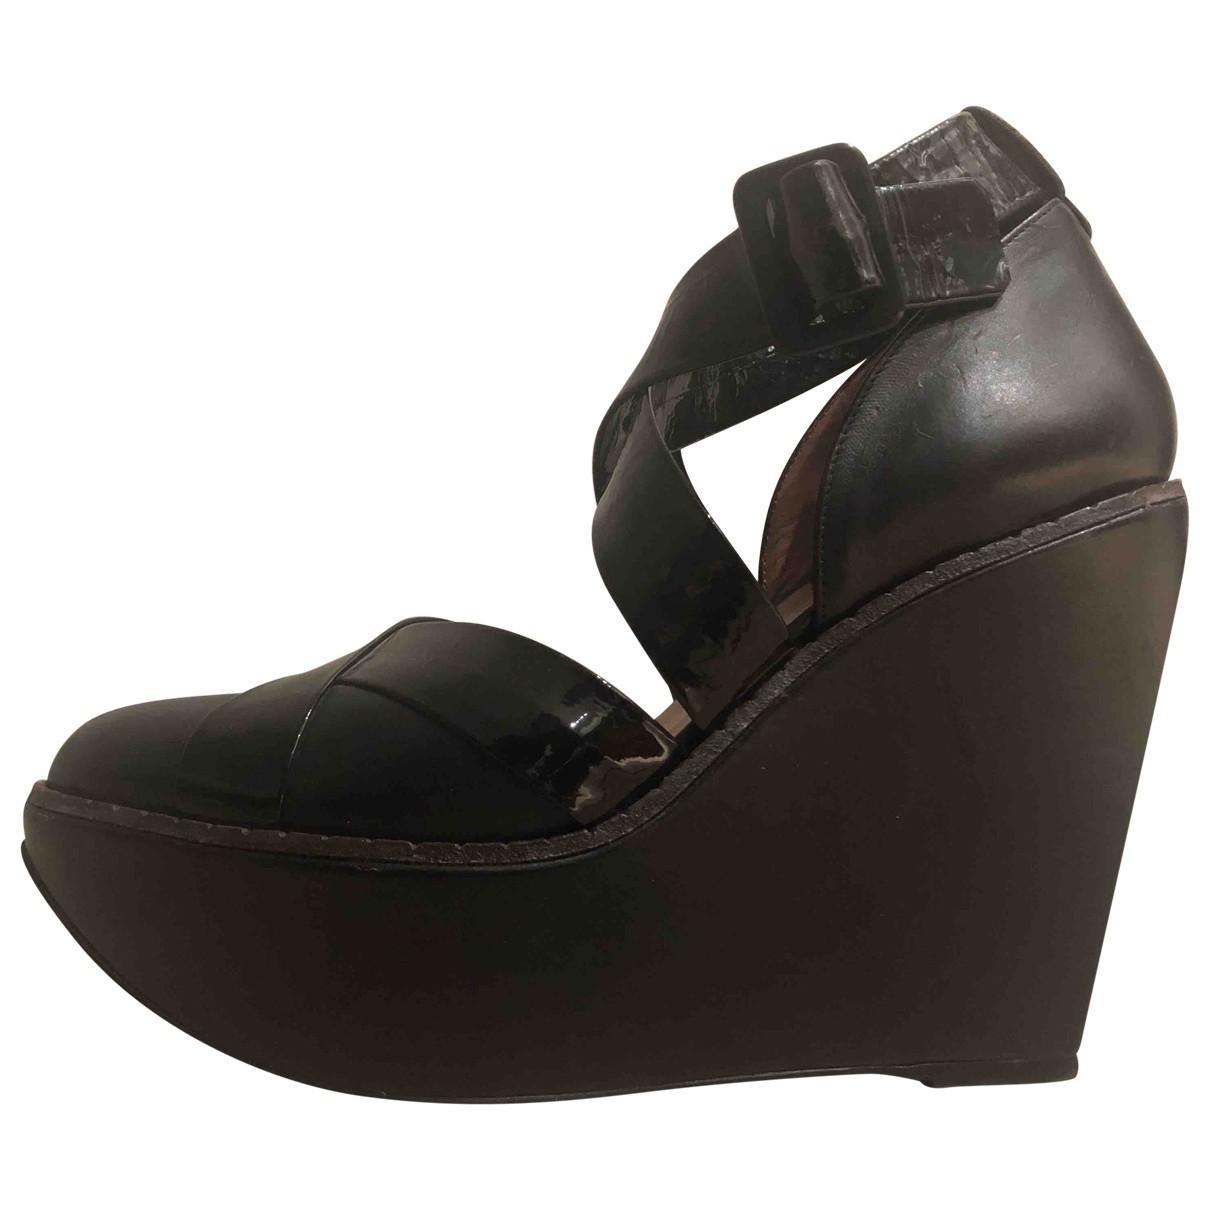 Robert Clergerie - Escarpins   pour femme en cuir verni - noir